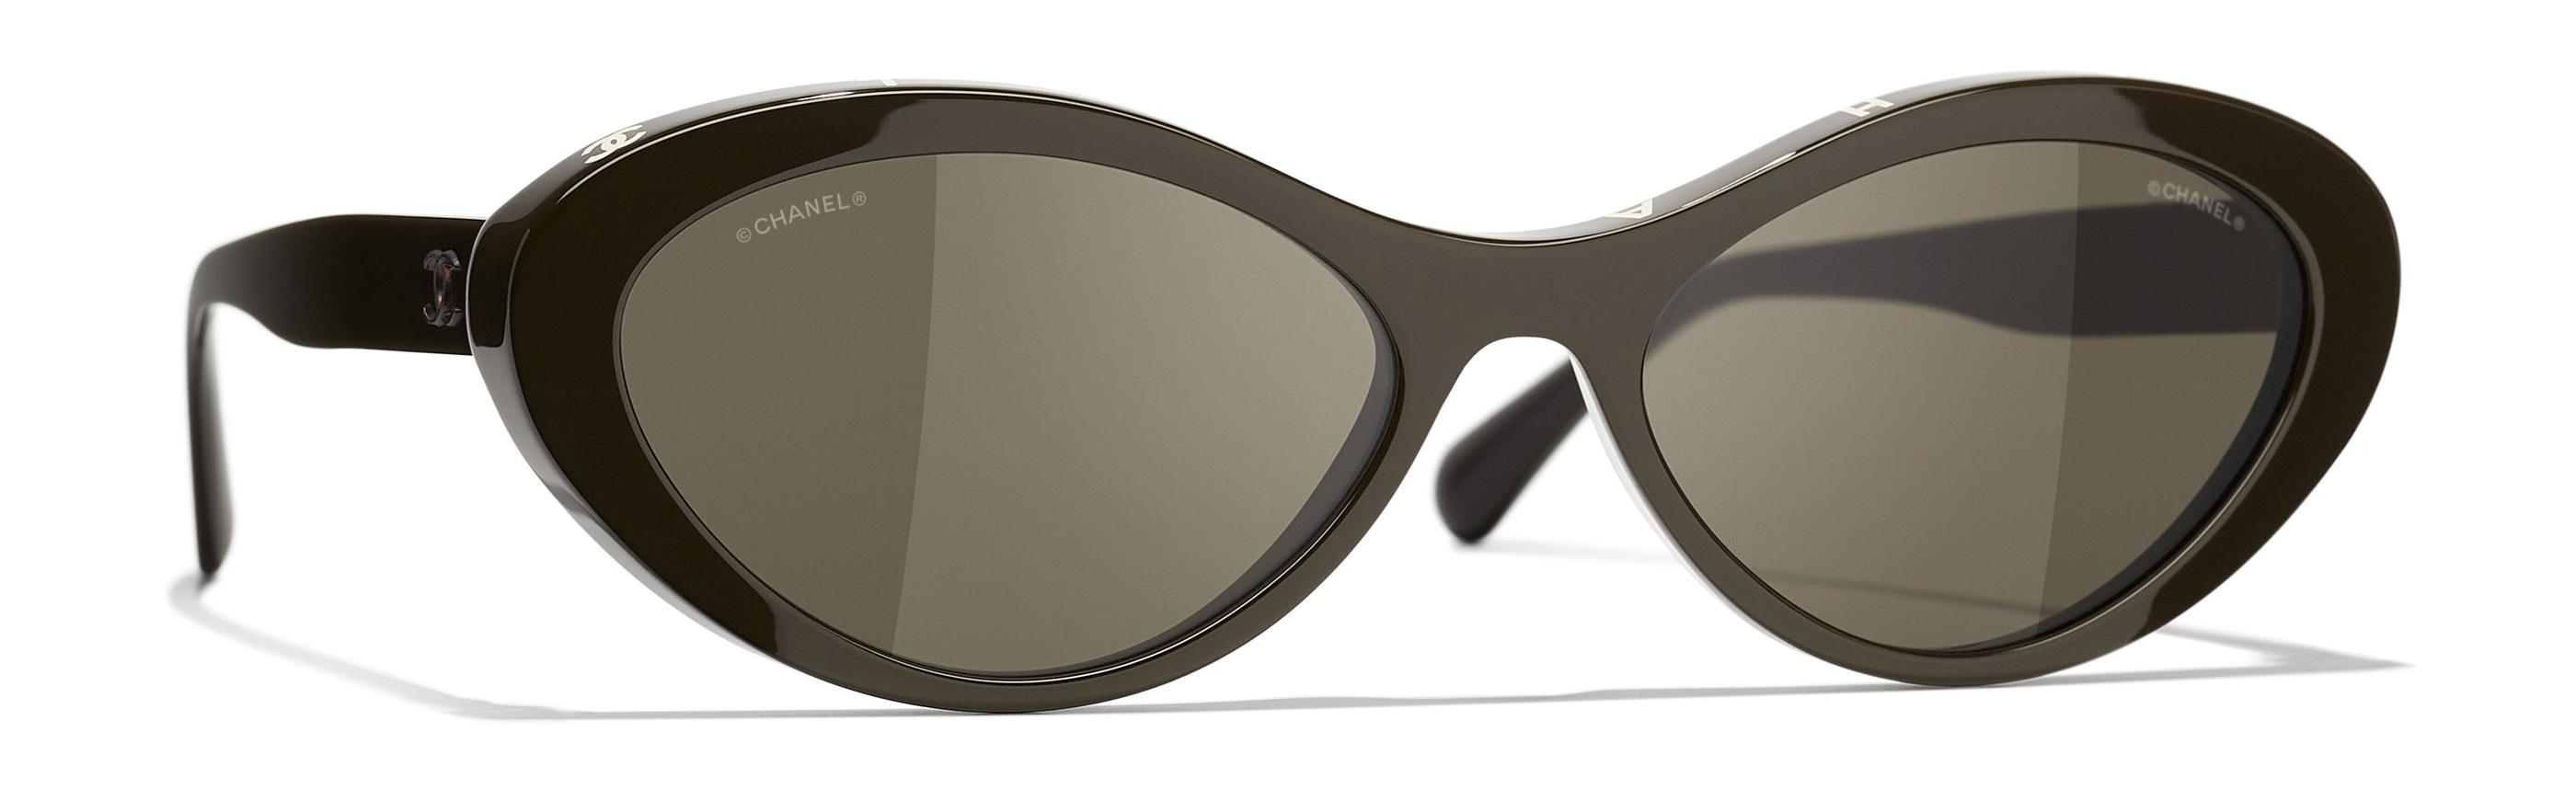 Sunglasses CHANEL CH 5416 1460/3 57/17